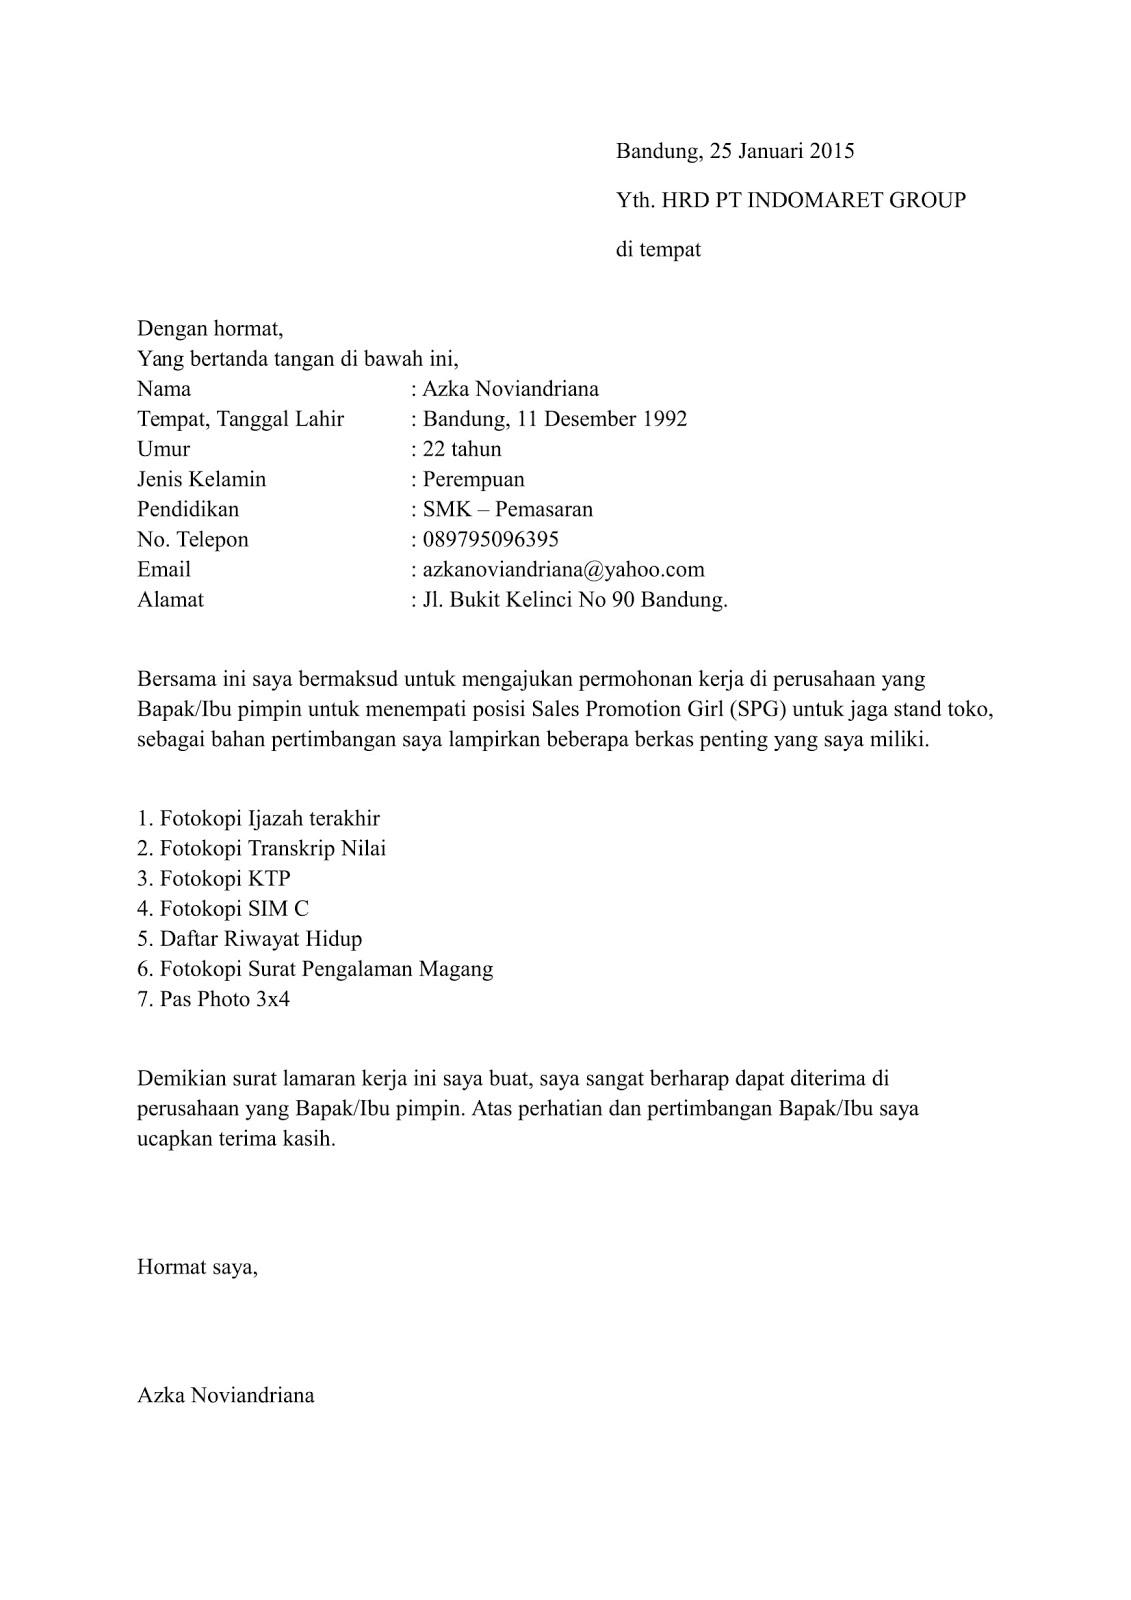 30 Contoh Surat Lamaran Kerja Terbaru Berbagai Pekerjaan Anakui Com